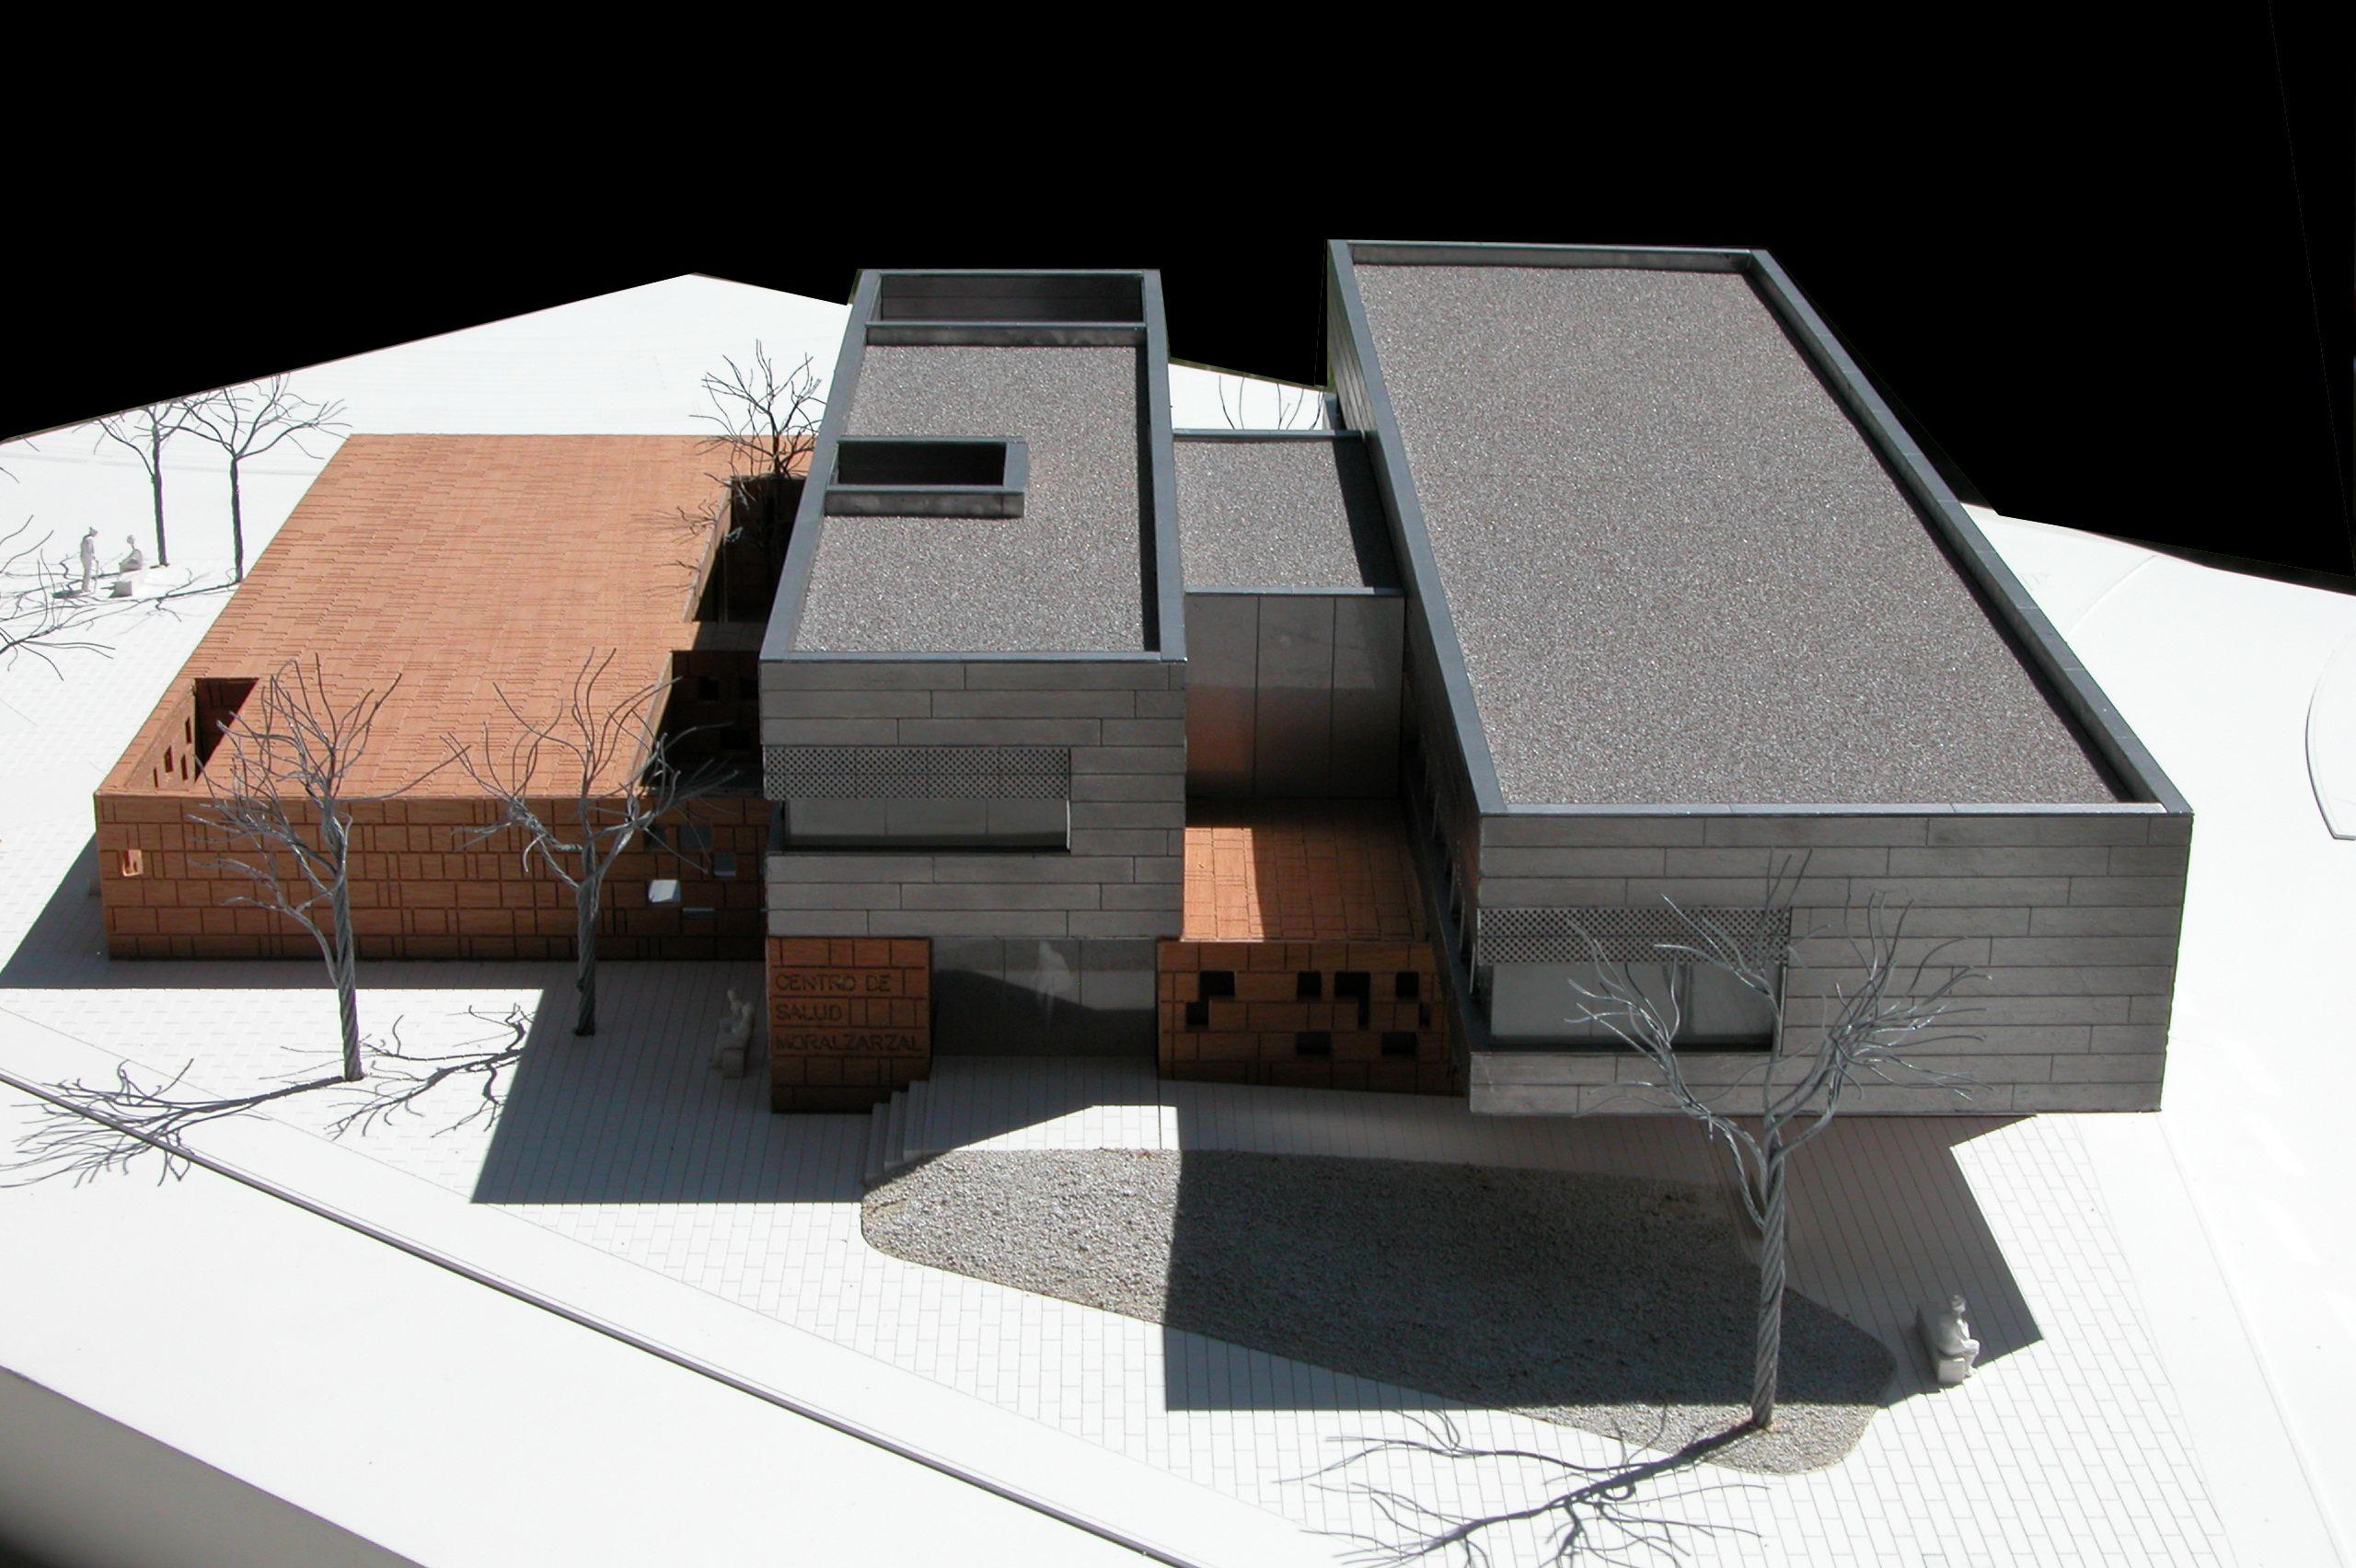 Maqueta de arquitectura realizada en zinc madera y pvc - Arquitectura en madera ...